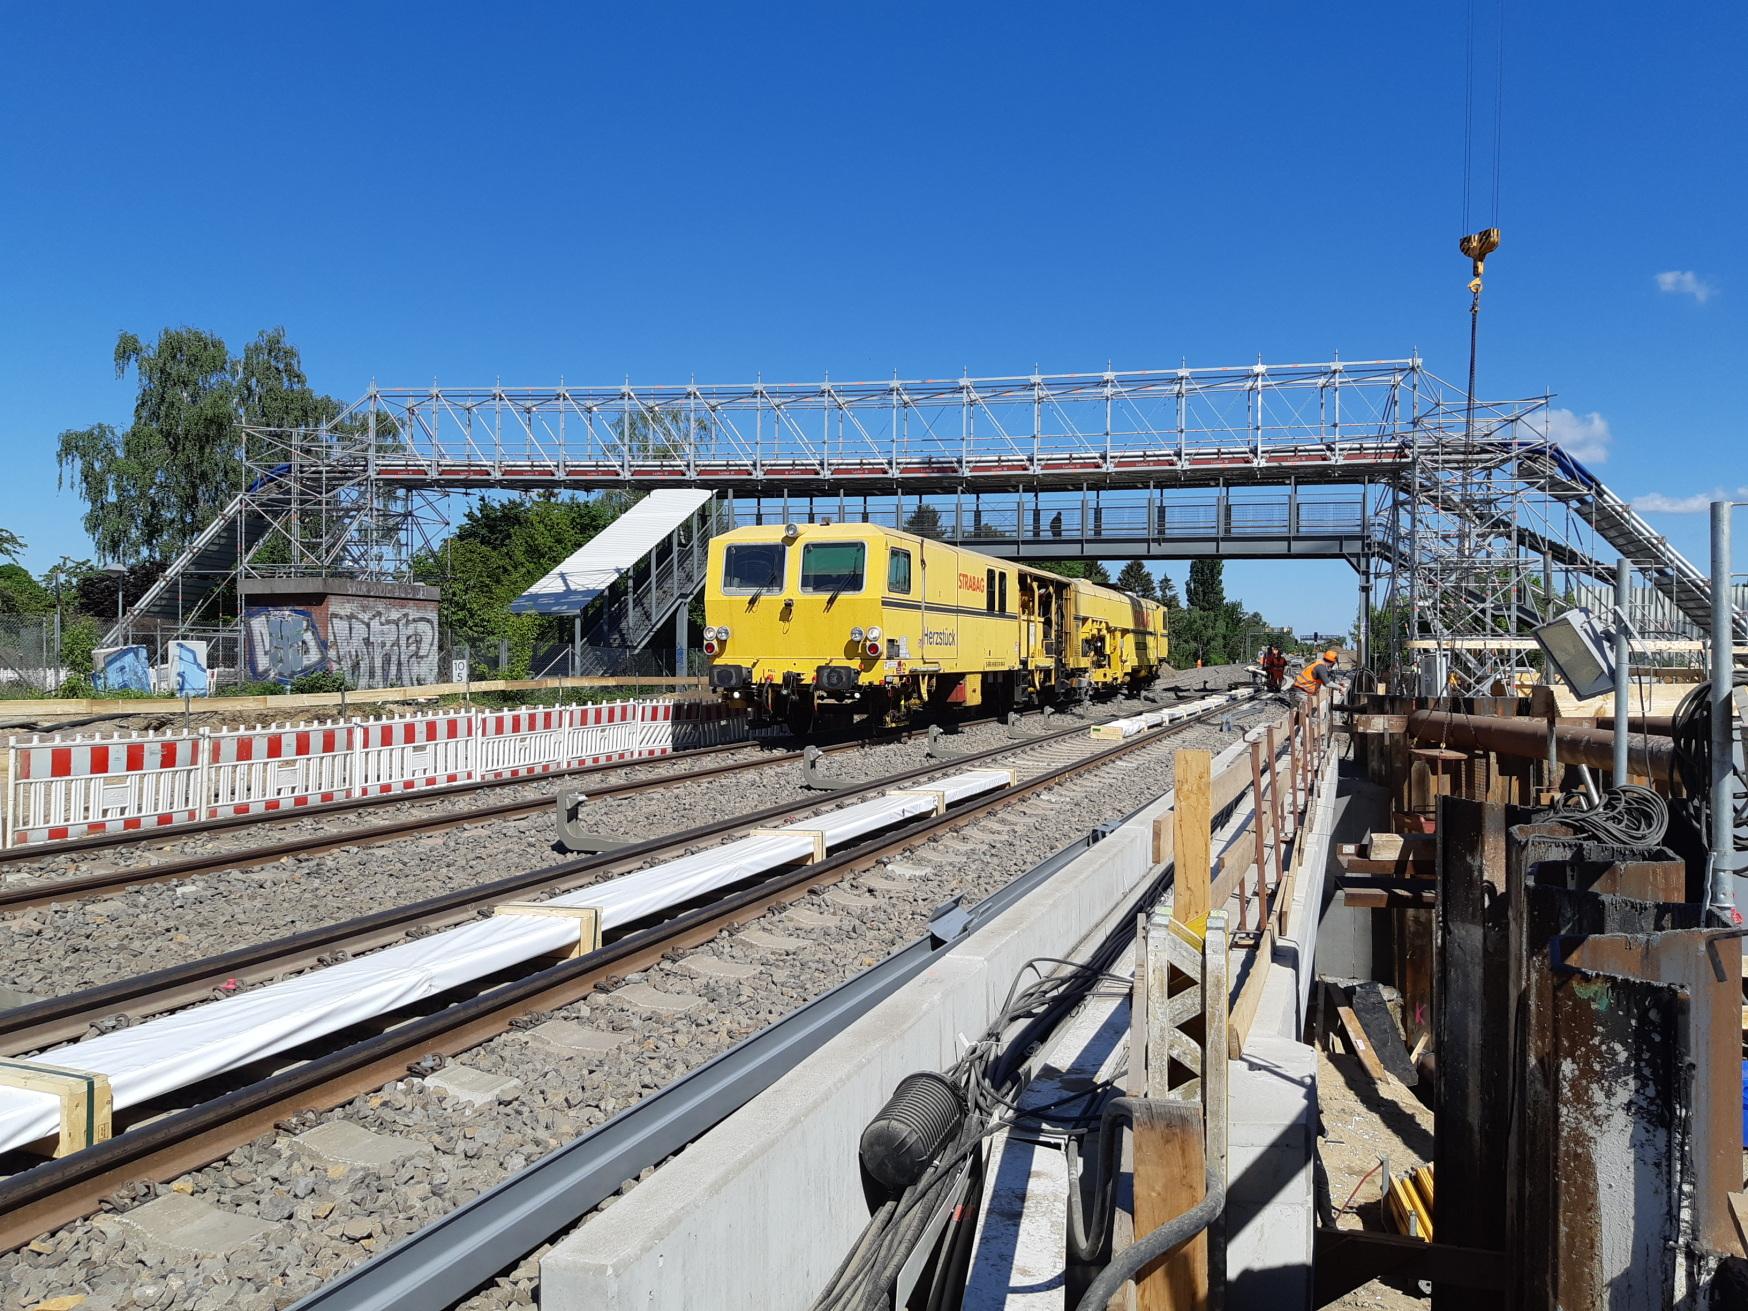 Berlin-Dresden railway line works